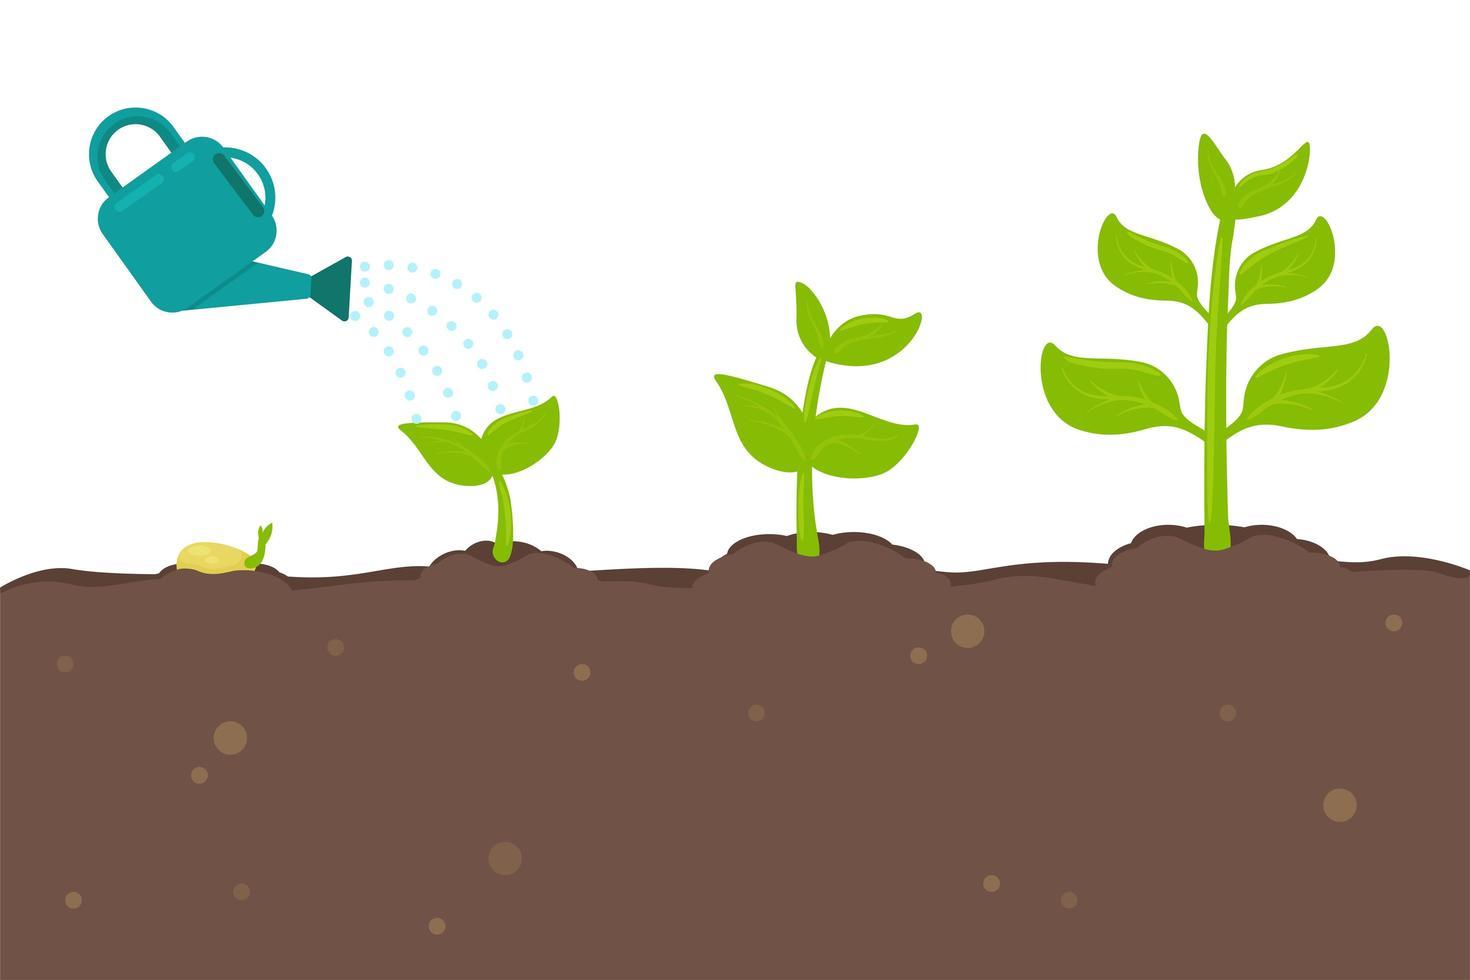 planten die uit zaden ontkiemen vector